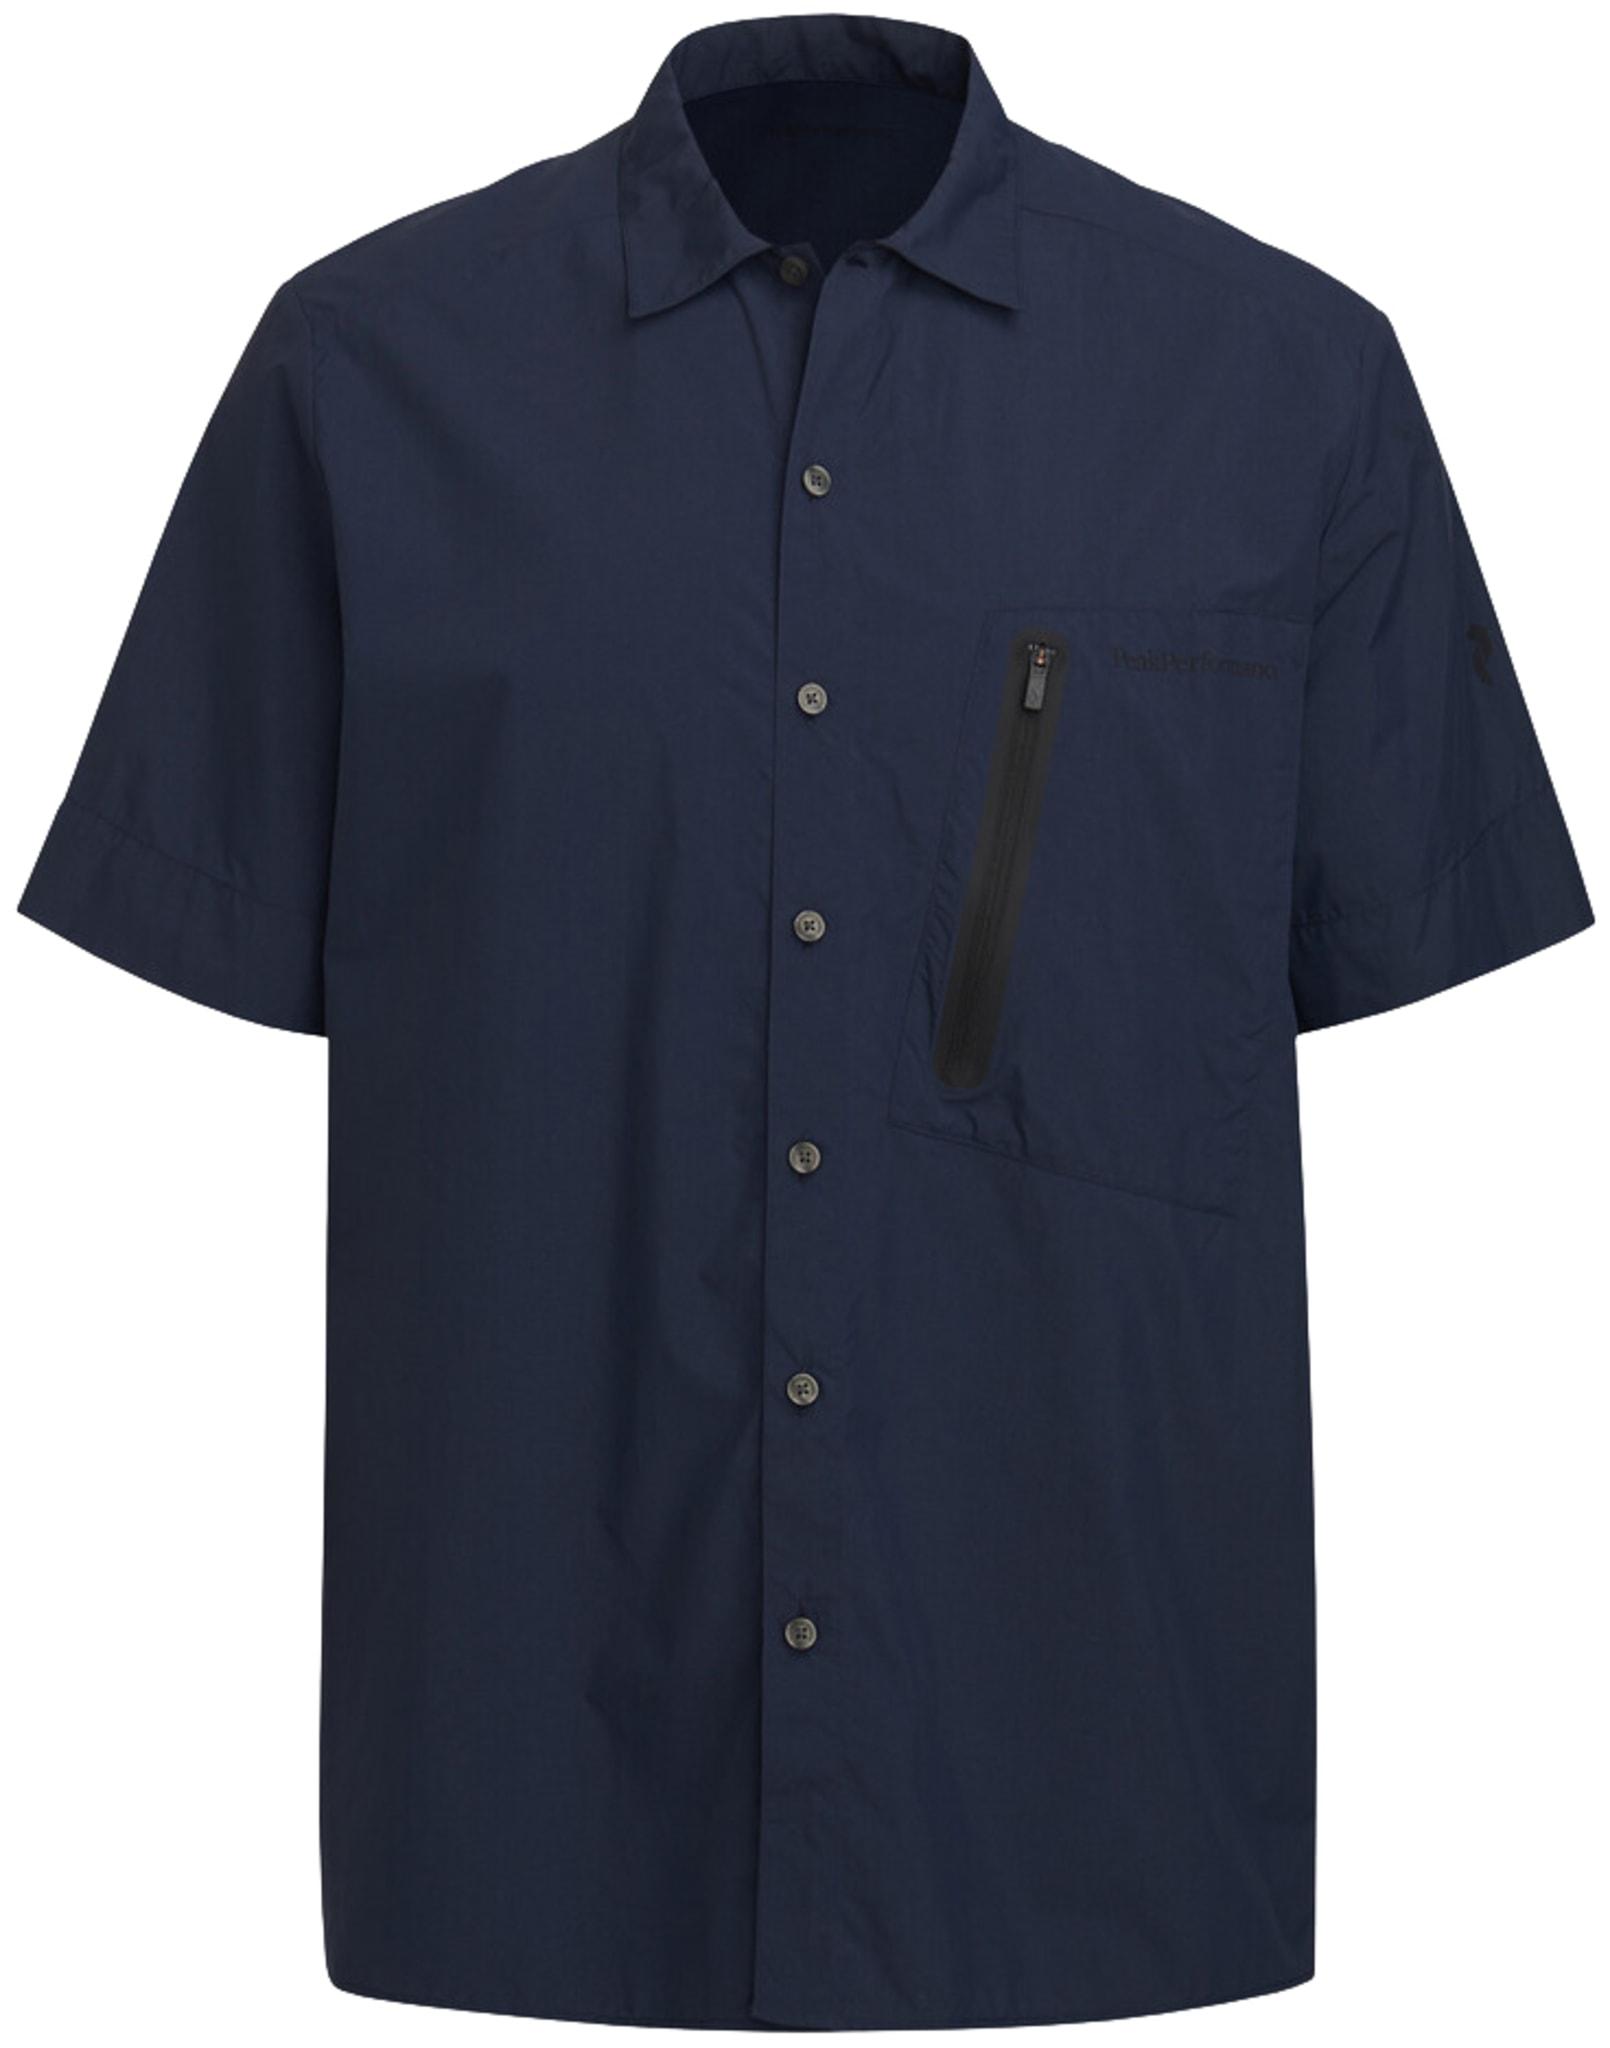 Vislight Shirt SS M